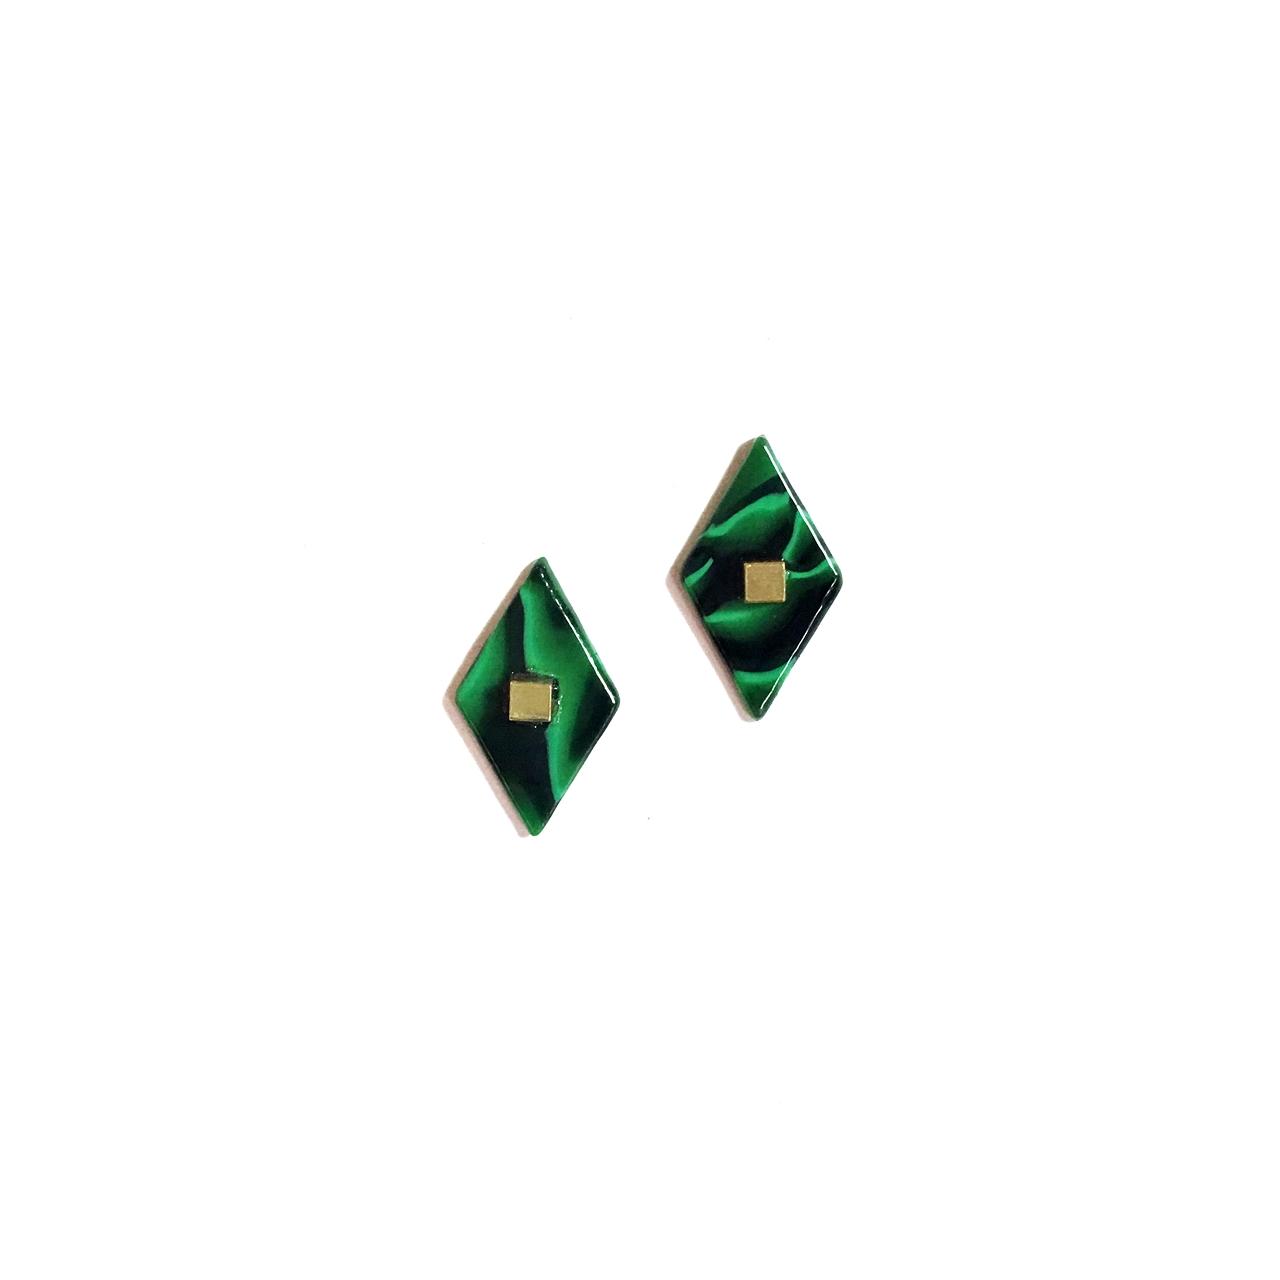 Minipendientes Meteoroide IV - Le Voilà